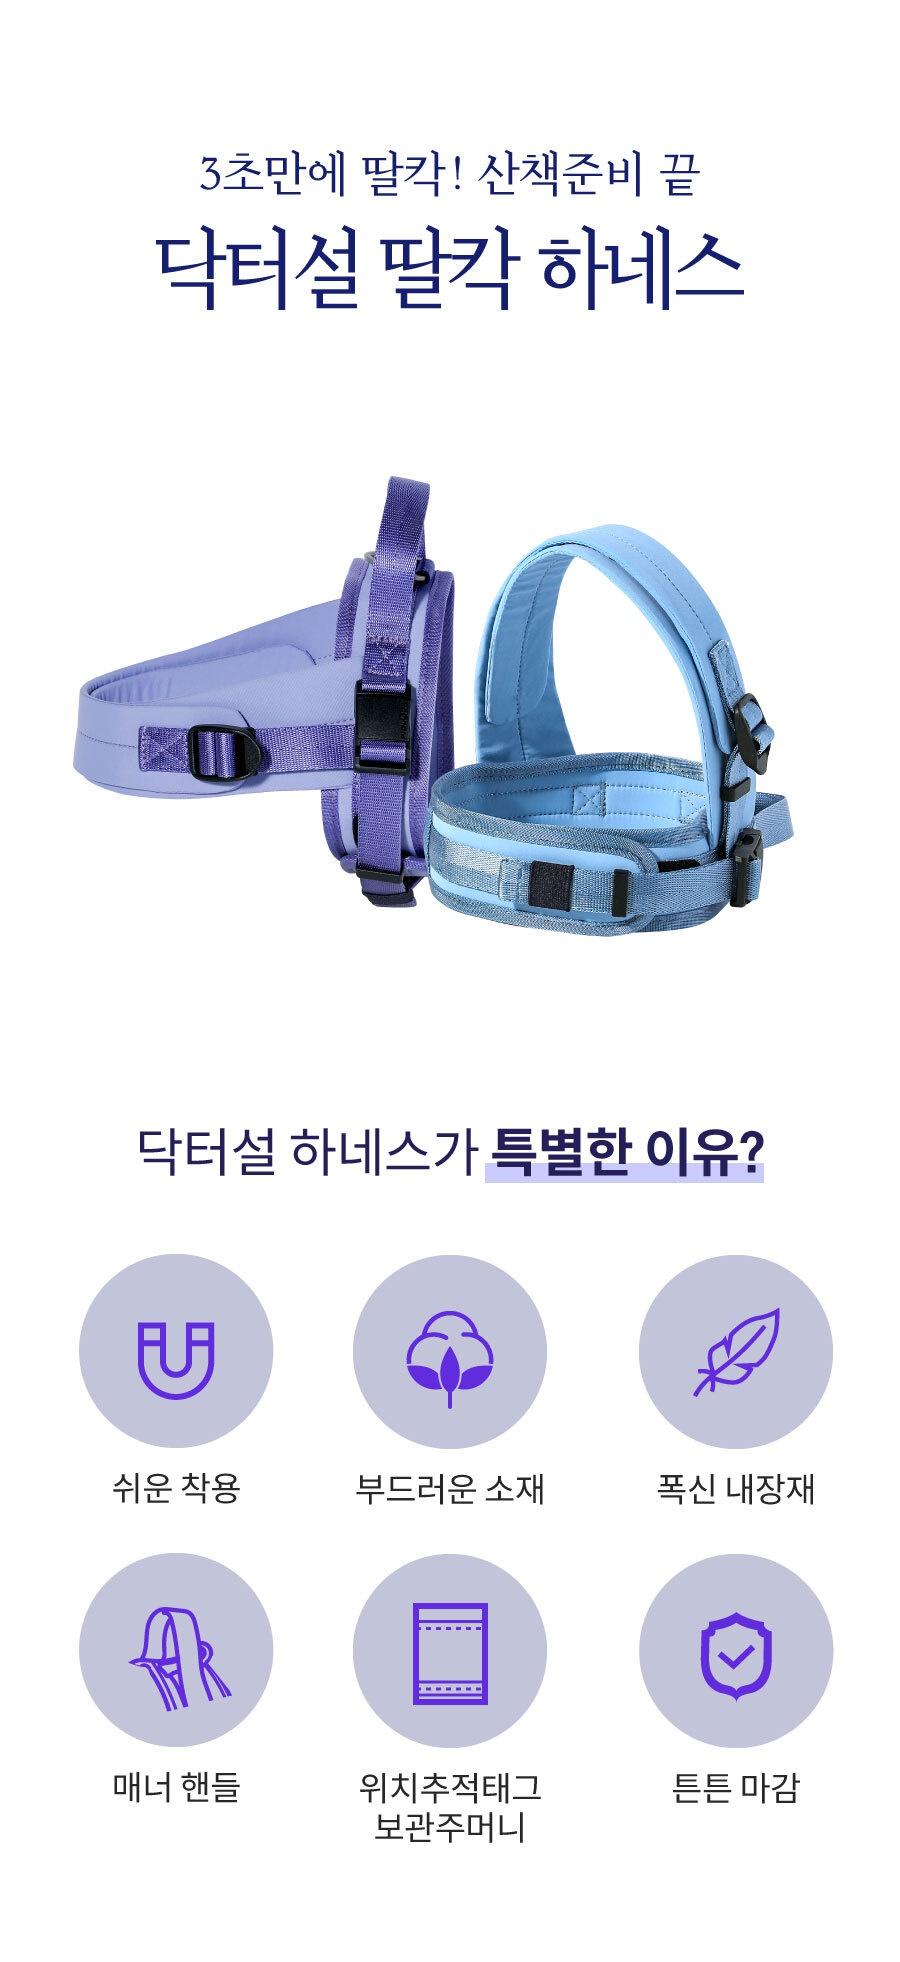 닥터설 딸칵하네스&길이조절 리쉬-상품이미지-4